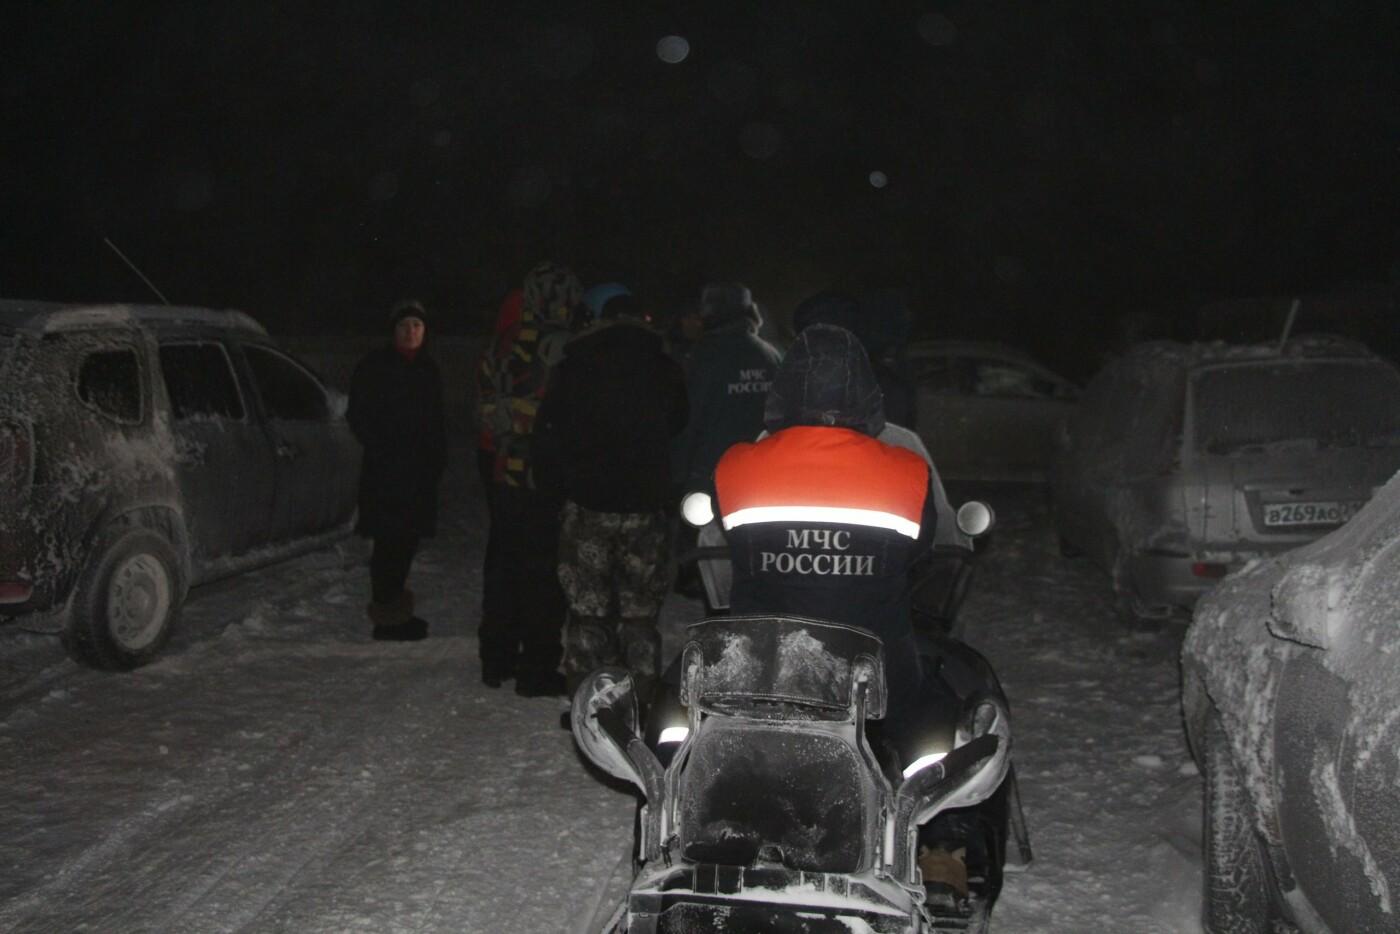 ВИДЕО: спасатели почти 12 часов оказывали помощь туристам, заблокированным на плато Ай-Петри, фото-2